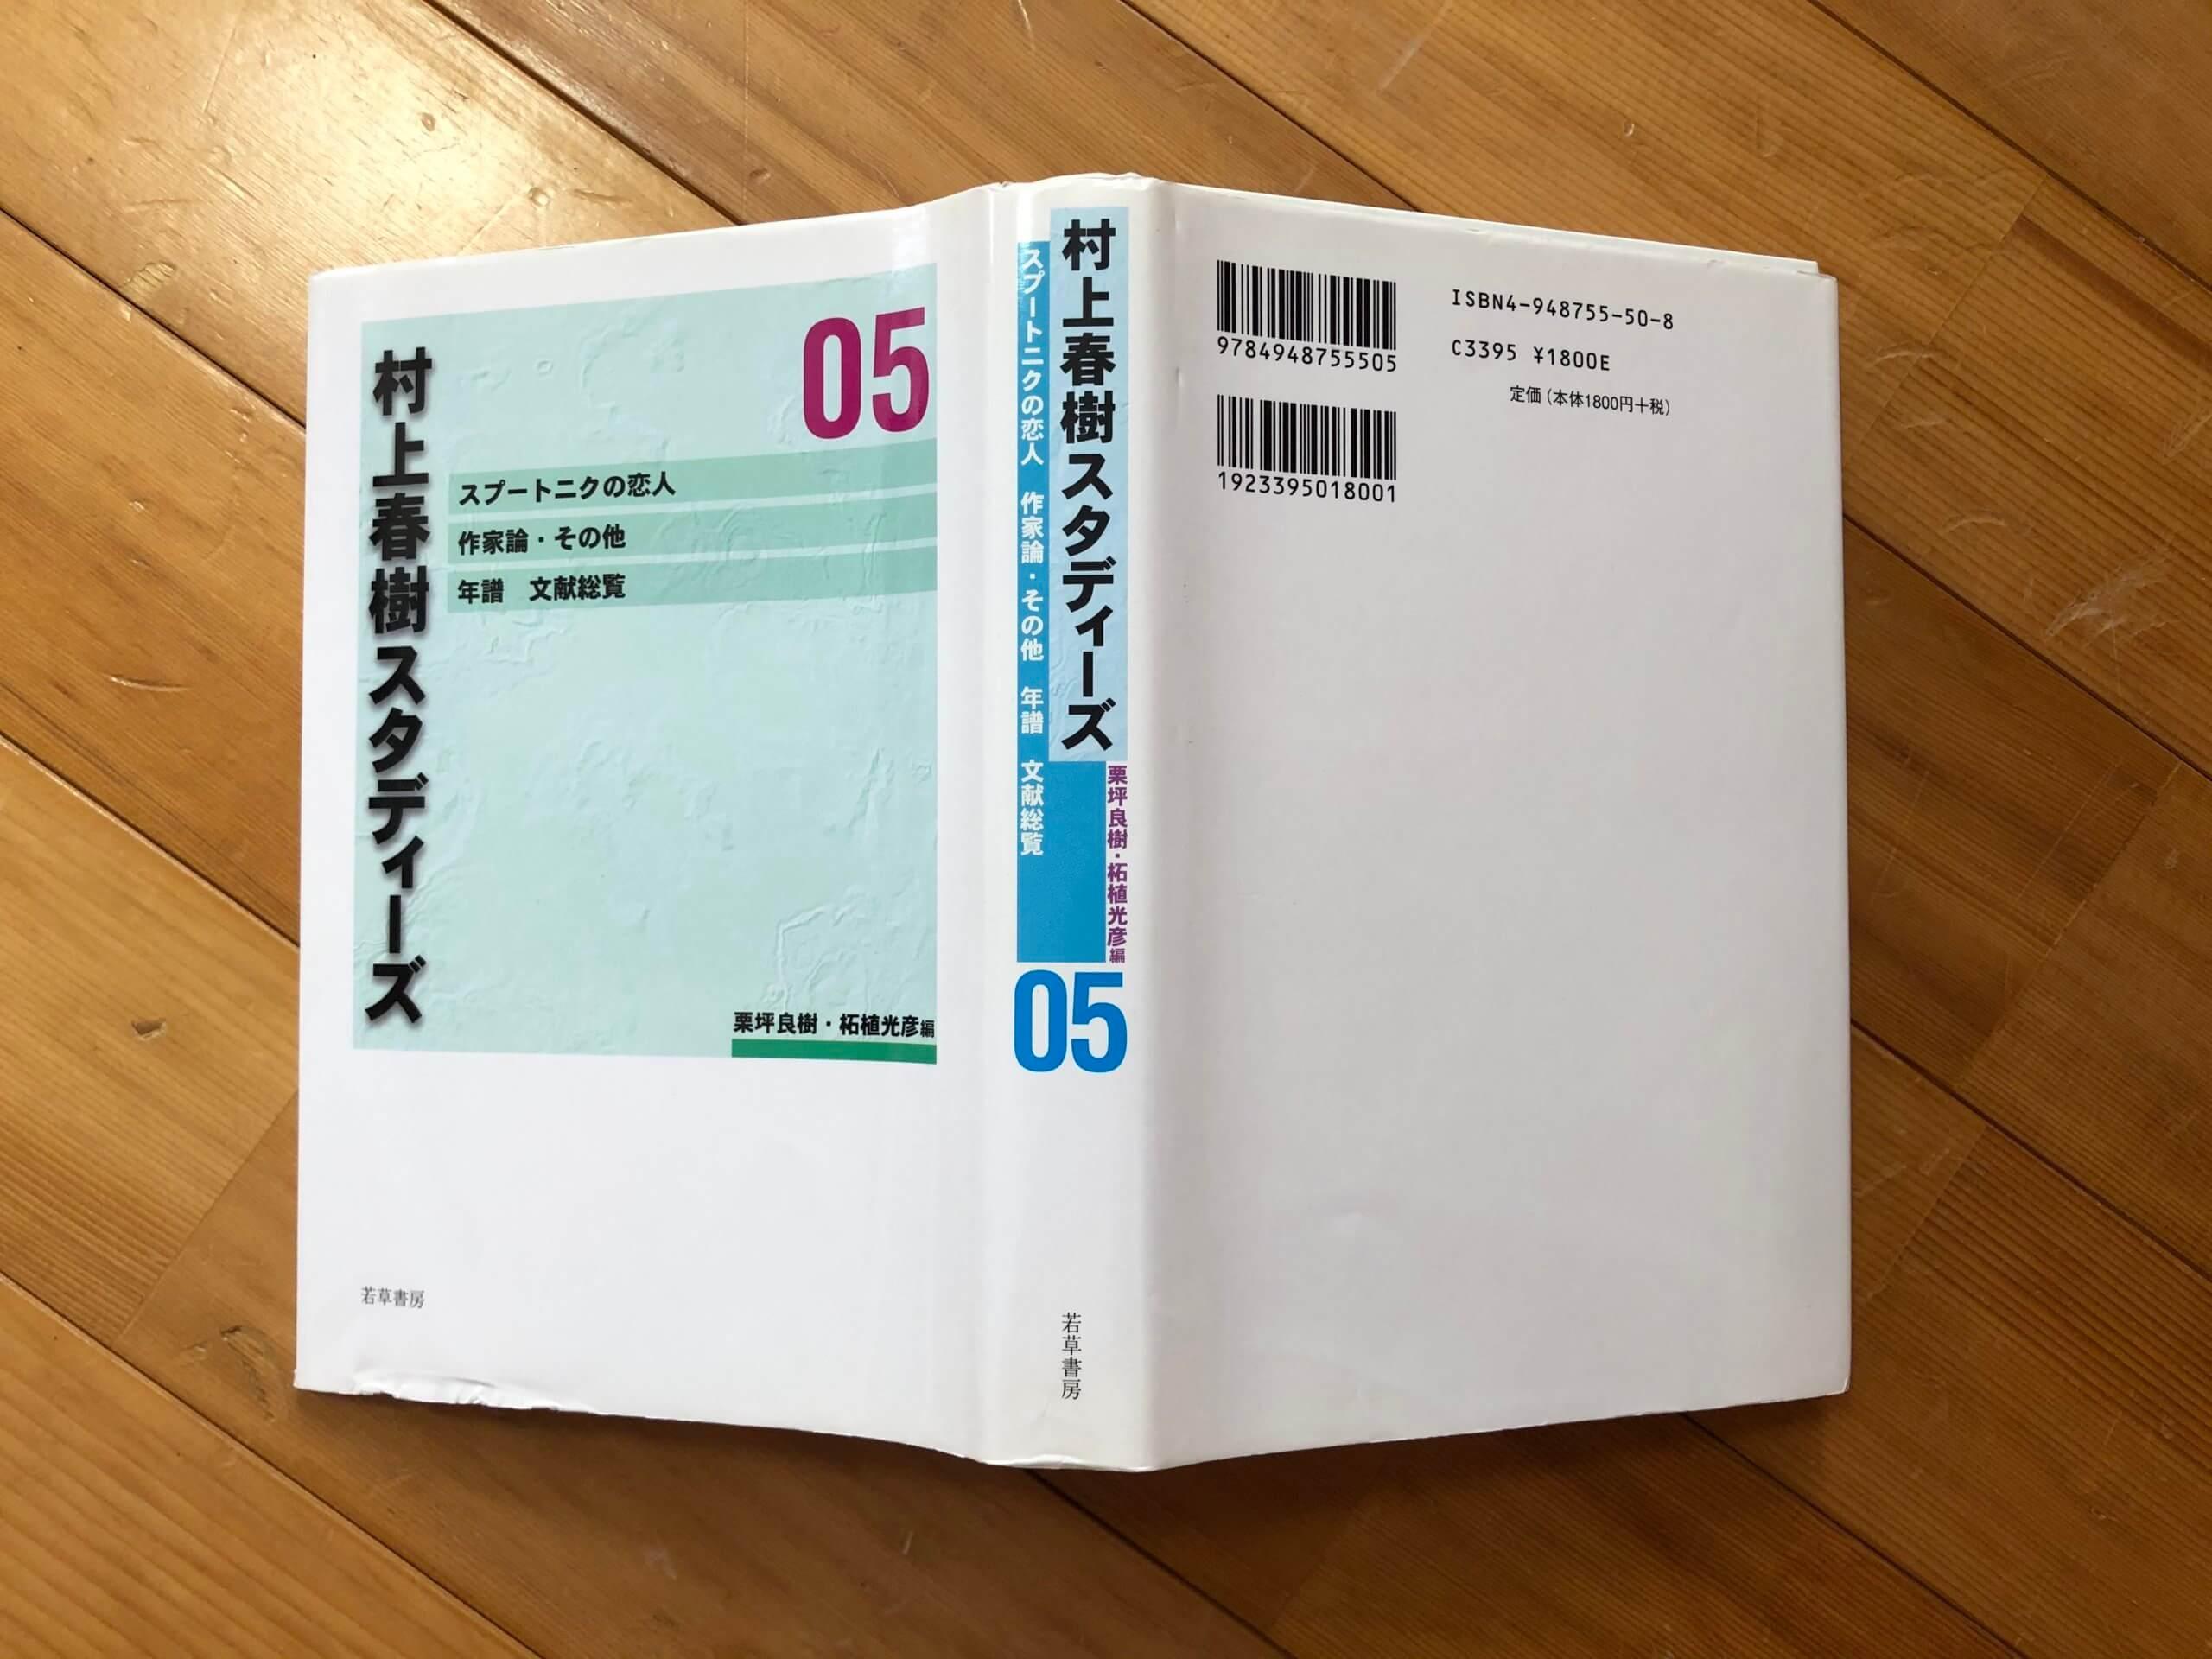 22円本 カバー